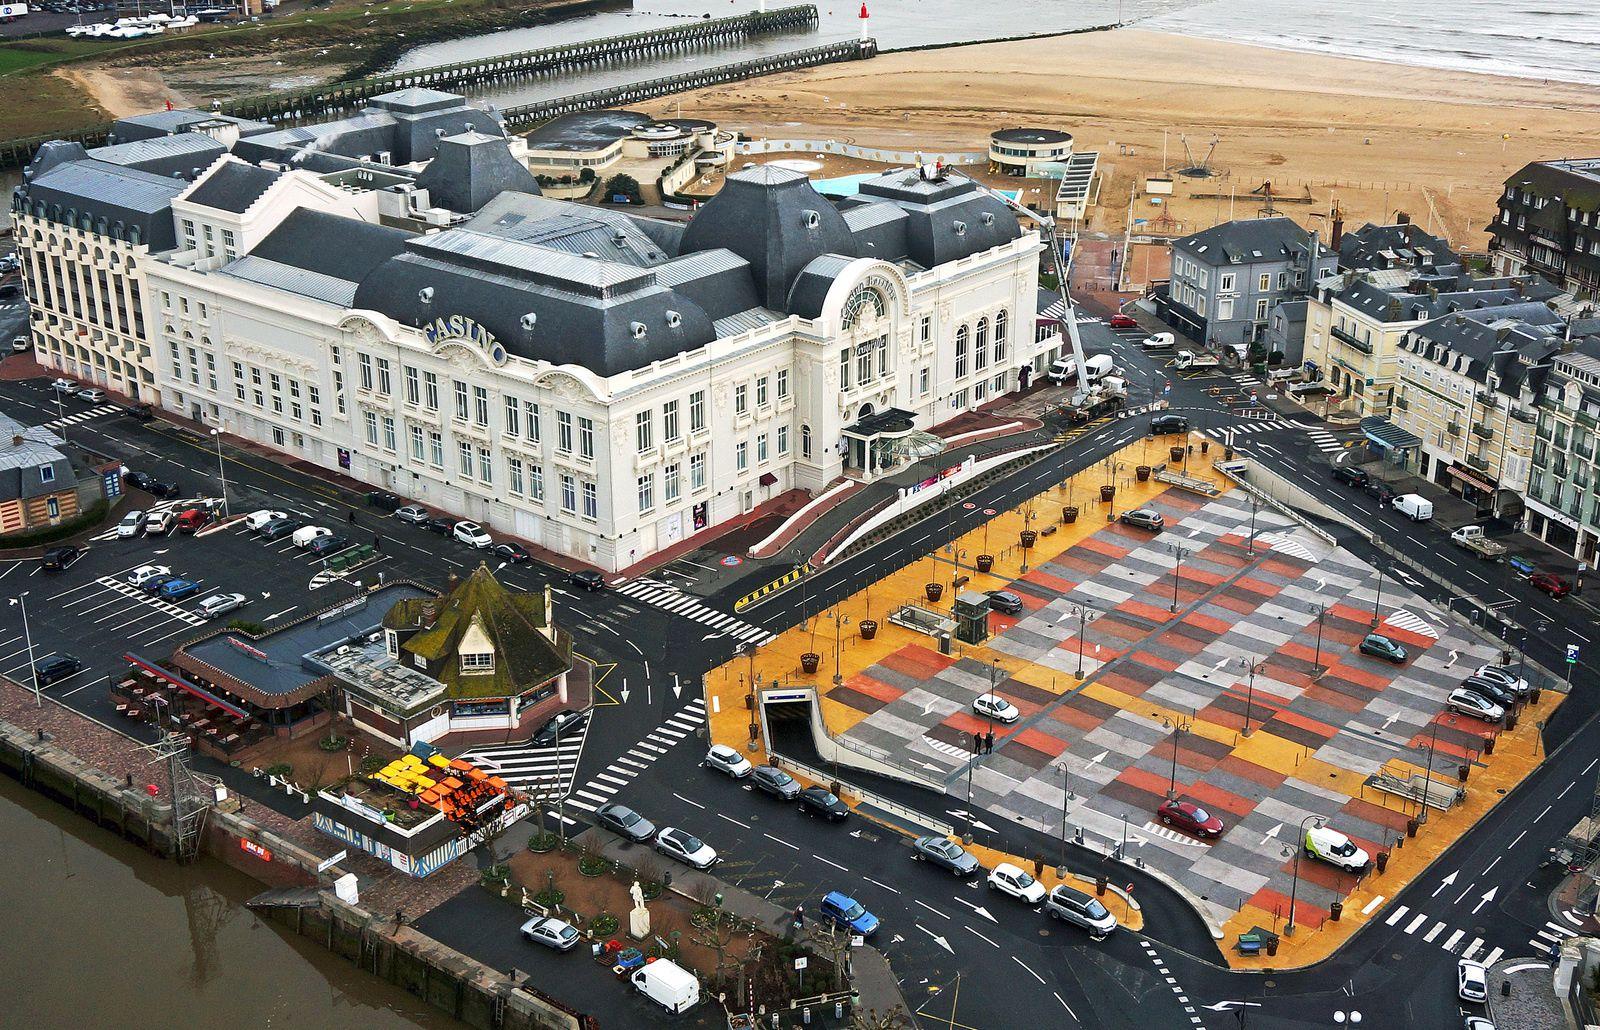 Les pigments colorés du nouveau parking du Casino de Trouville, oeuvre de l'entreprise Minéral Service. Photo aérienne François Monier, février 2016